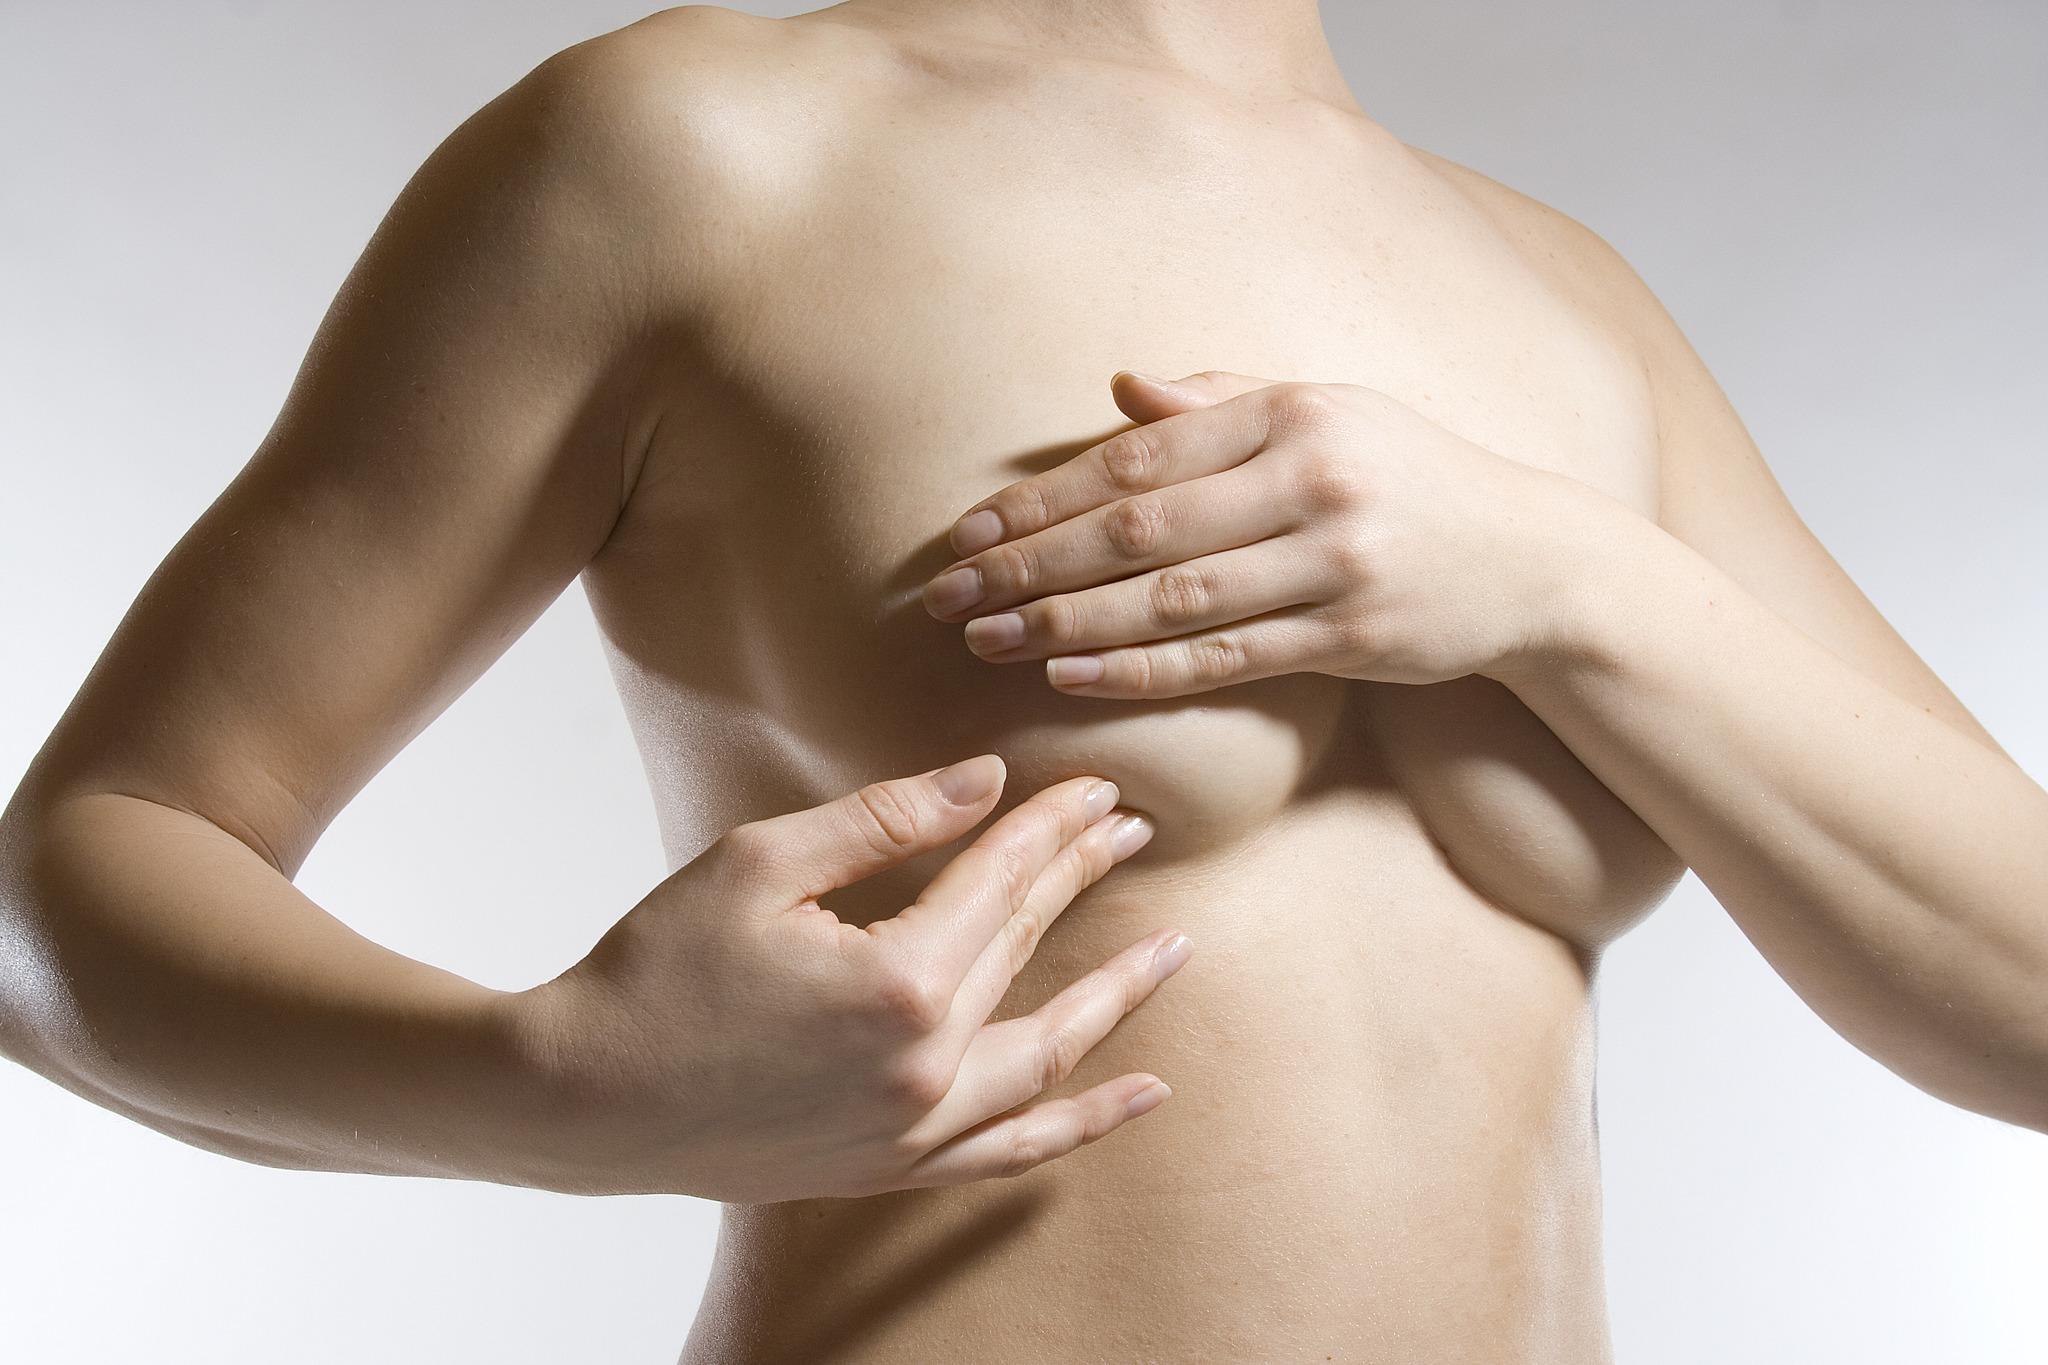 Krebsartige Knoten in der Brust